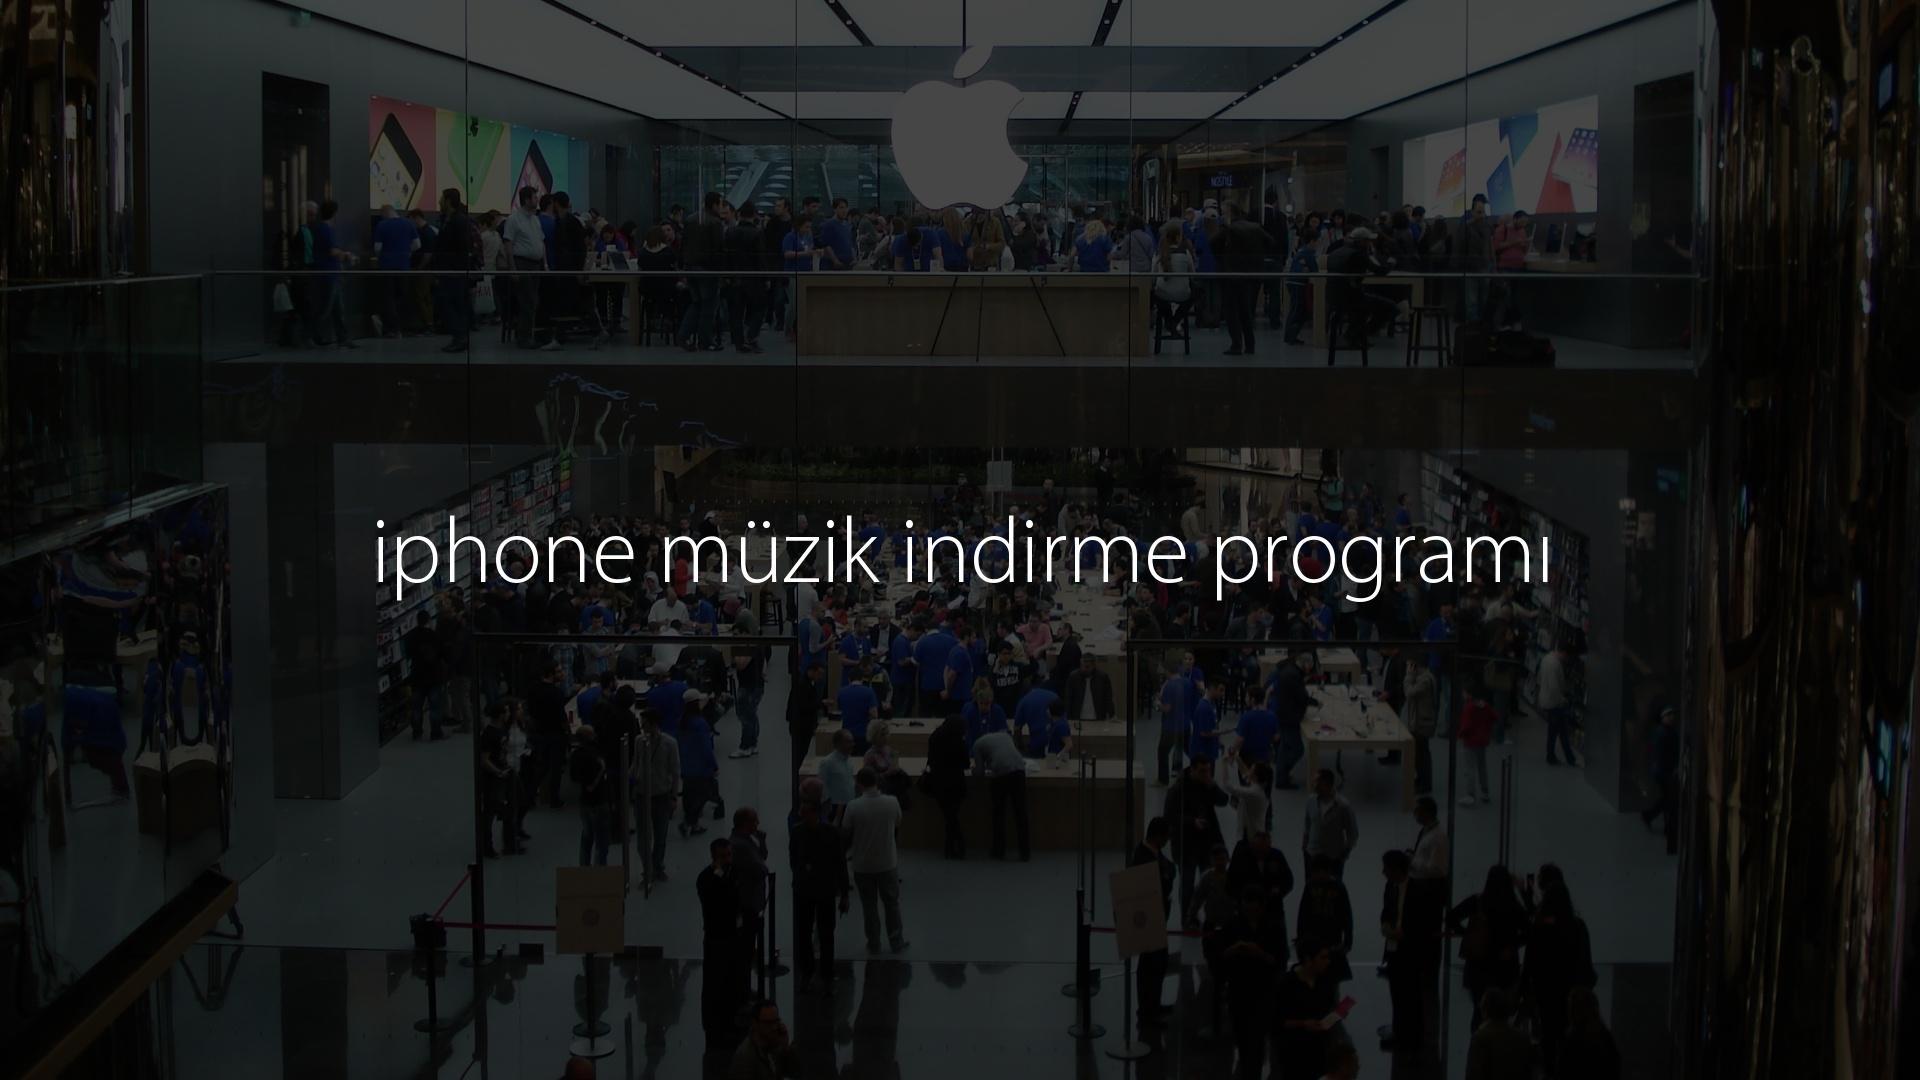 iphone müzik indirme programı